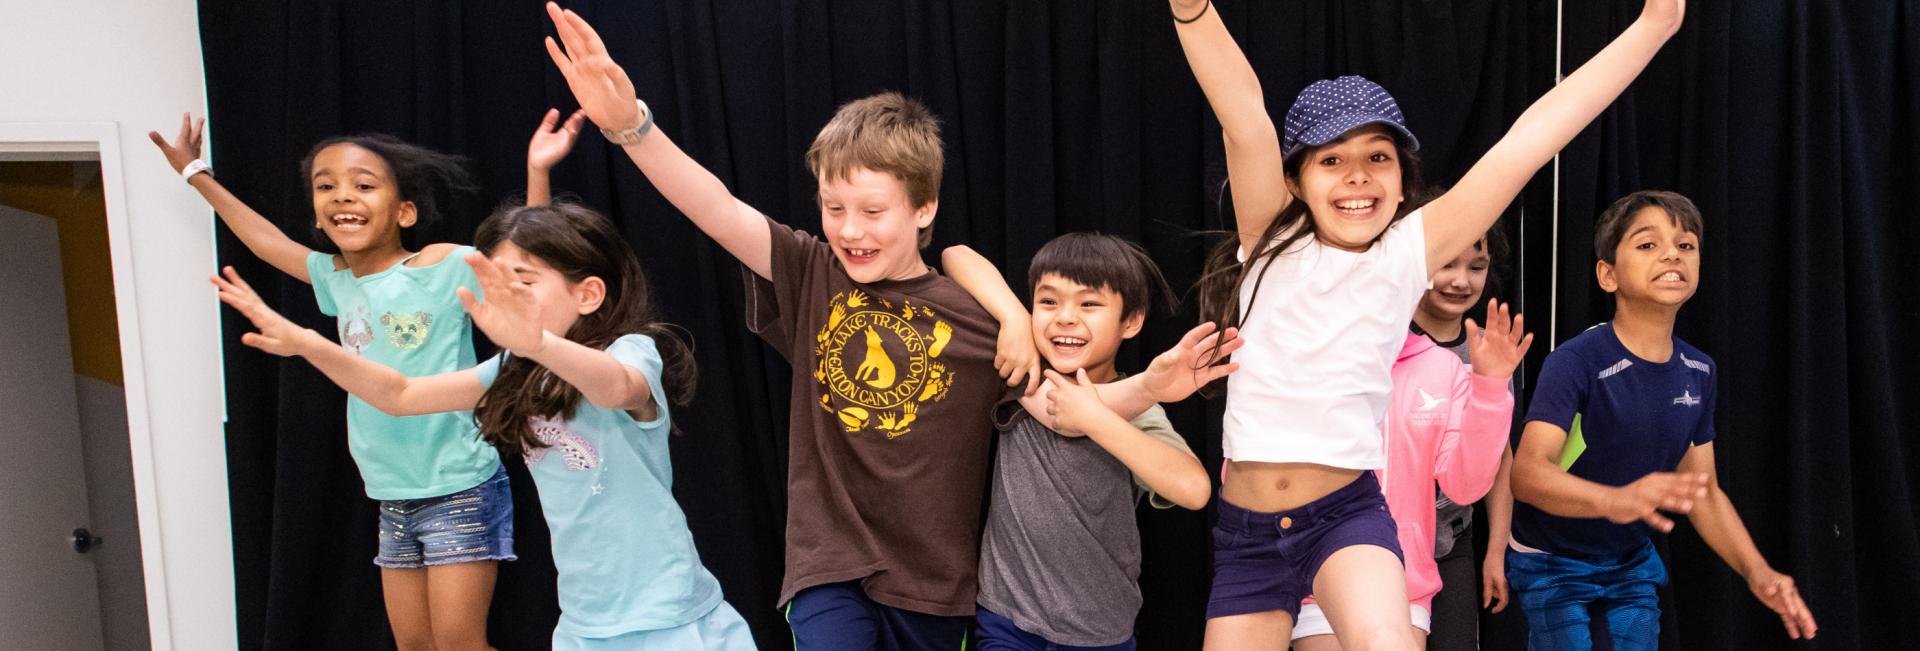 Guide to Children's Arts Activities